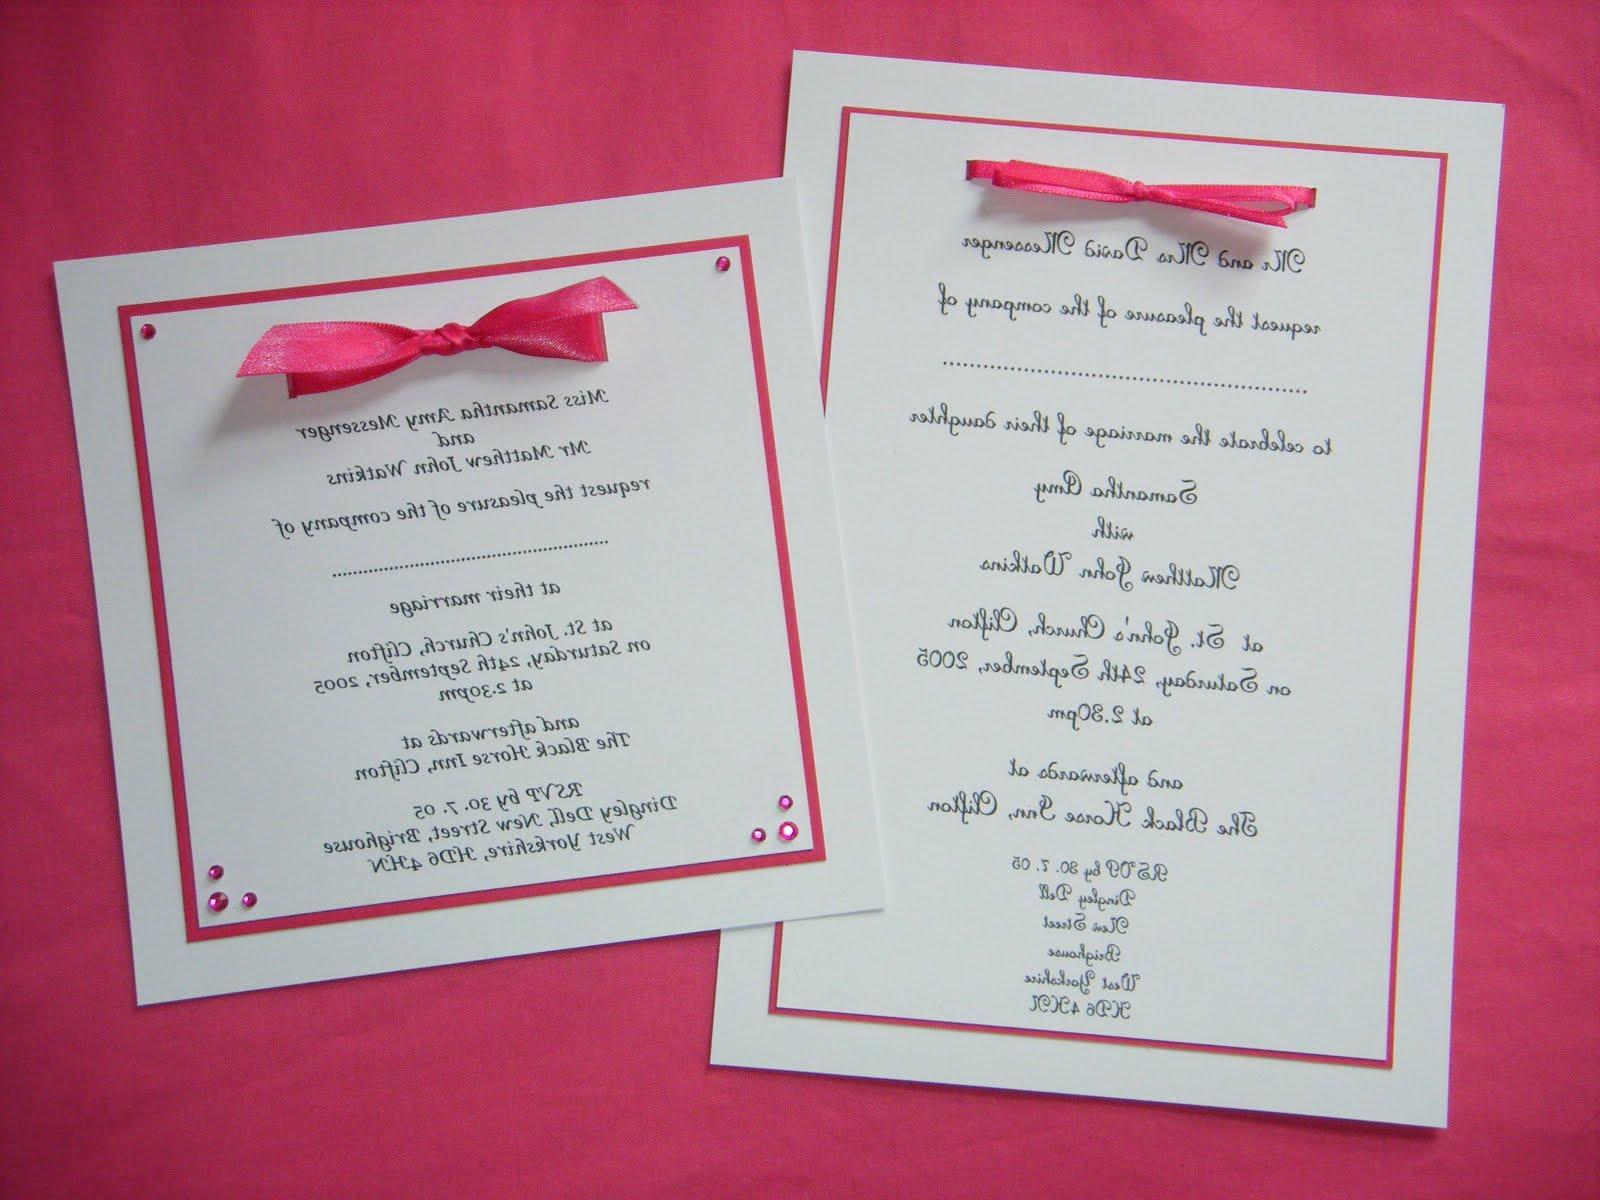 Hristinas blog innovative indian wedding hristinas blog solutioingenieria Images